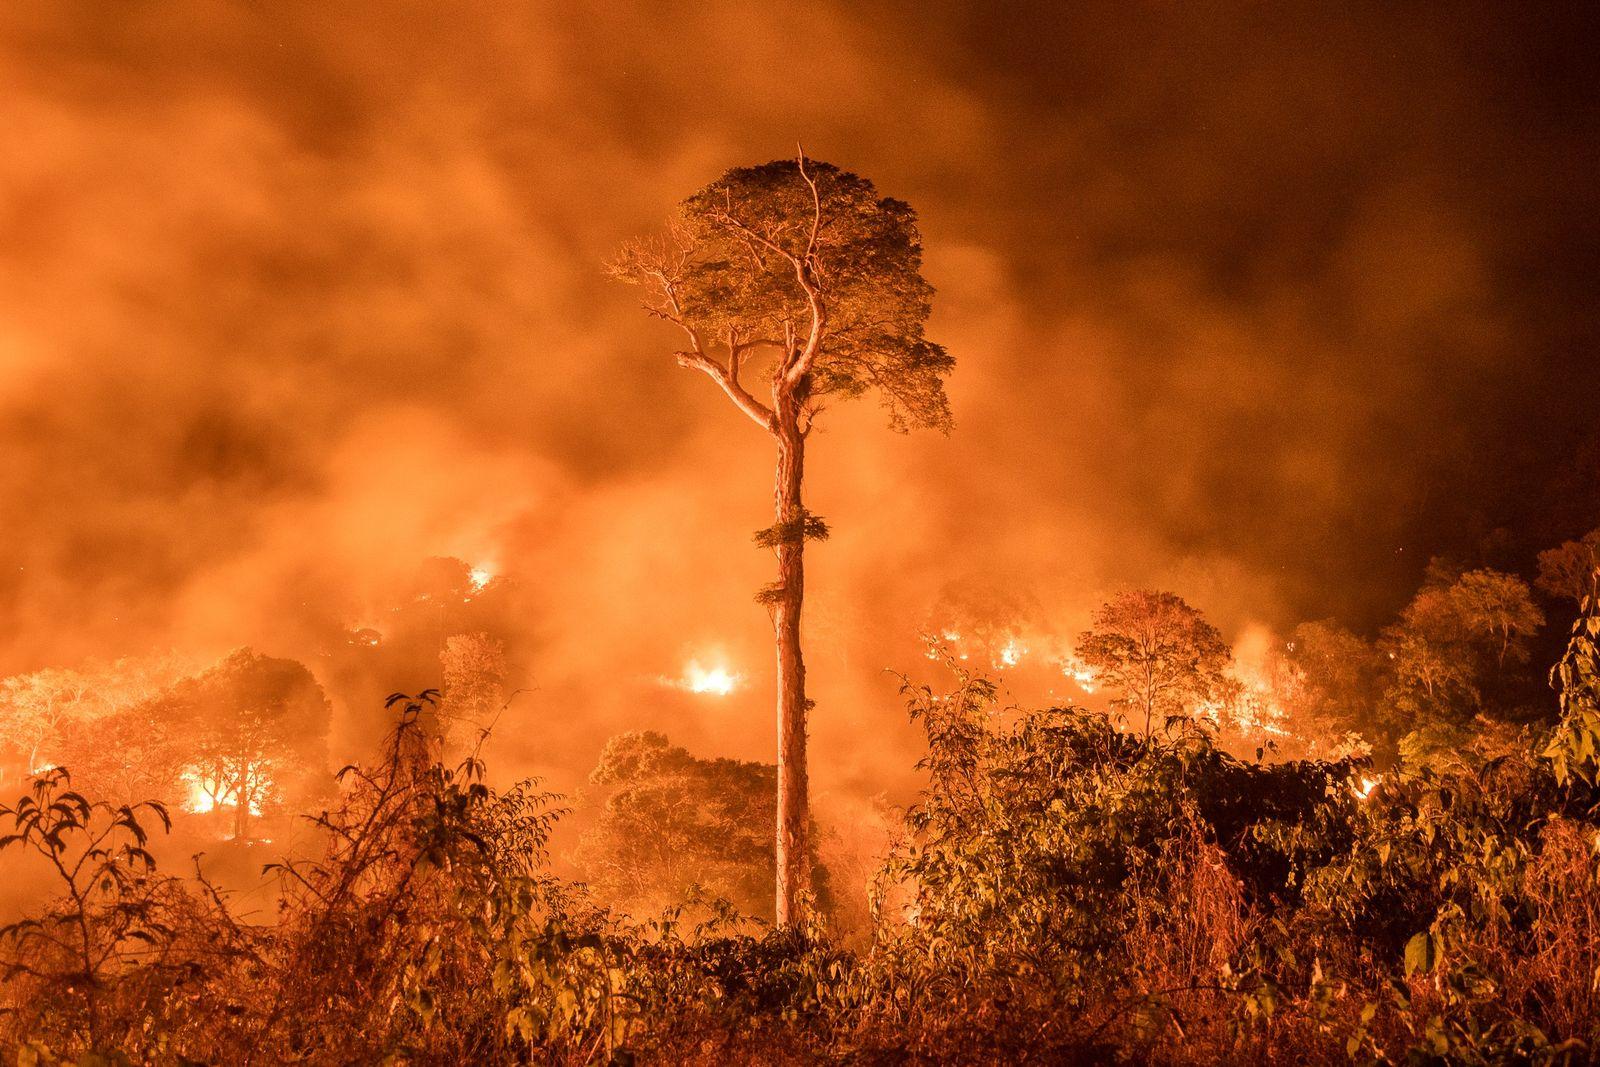 Un incendio fuera de control en el estado brasileño de Maranhão. Aunque los incendios son habituales ...